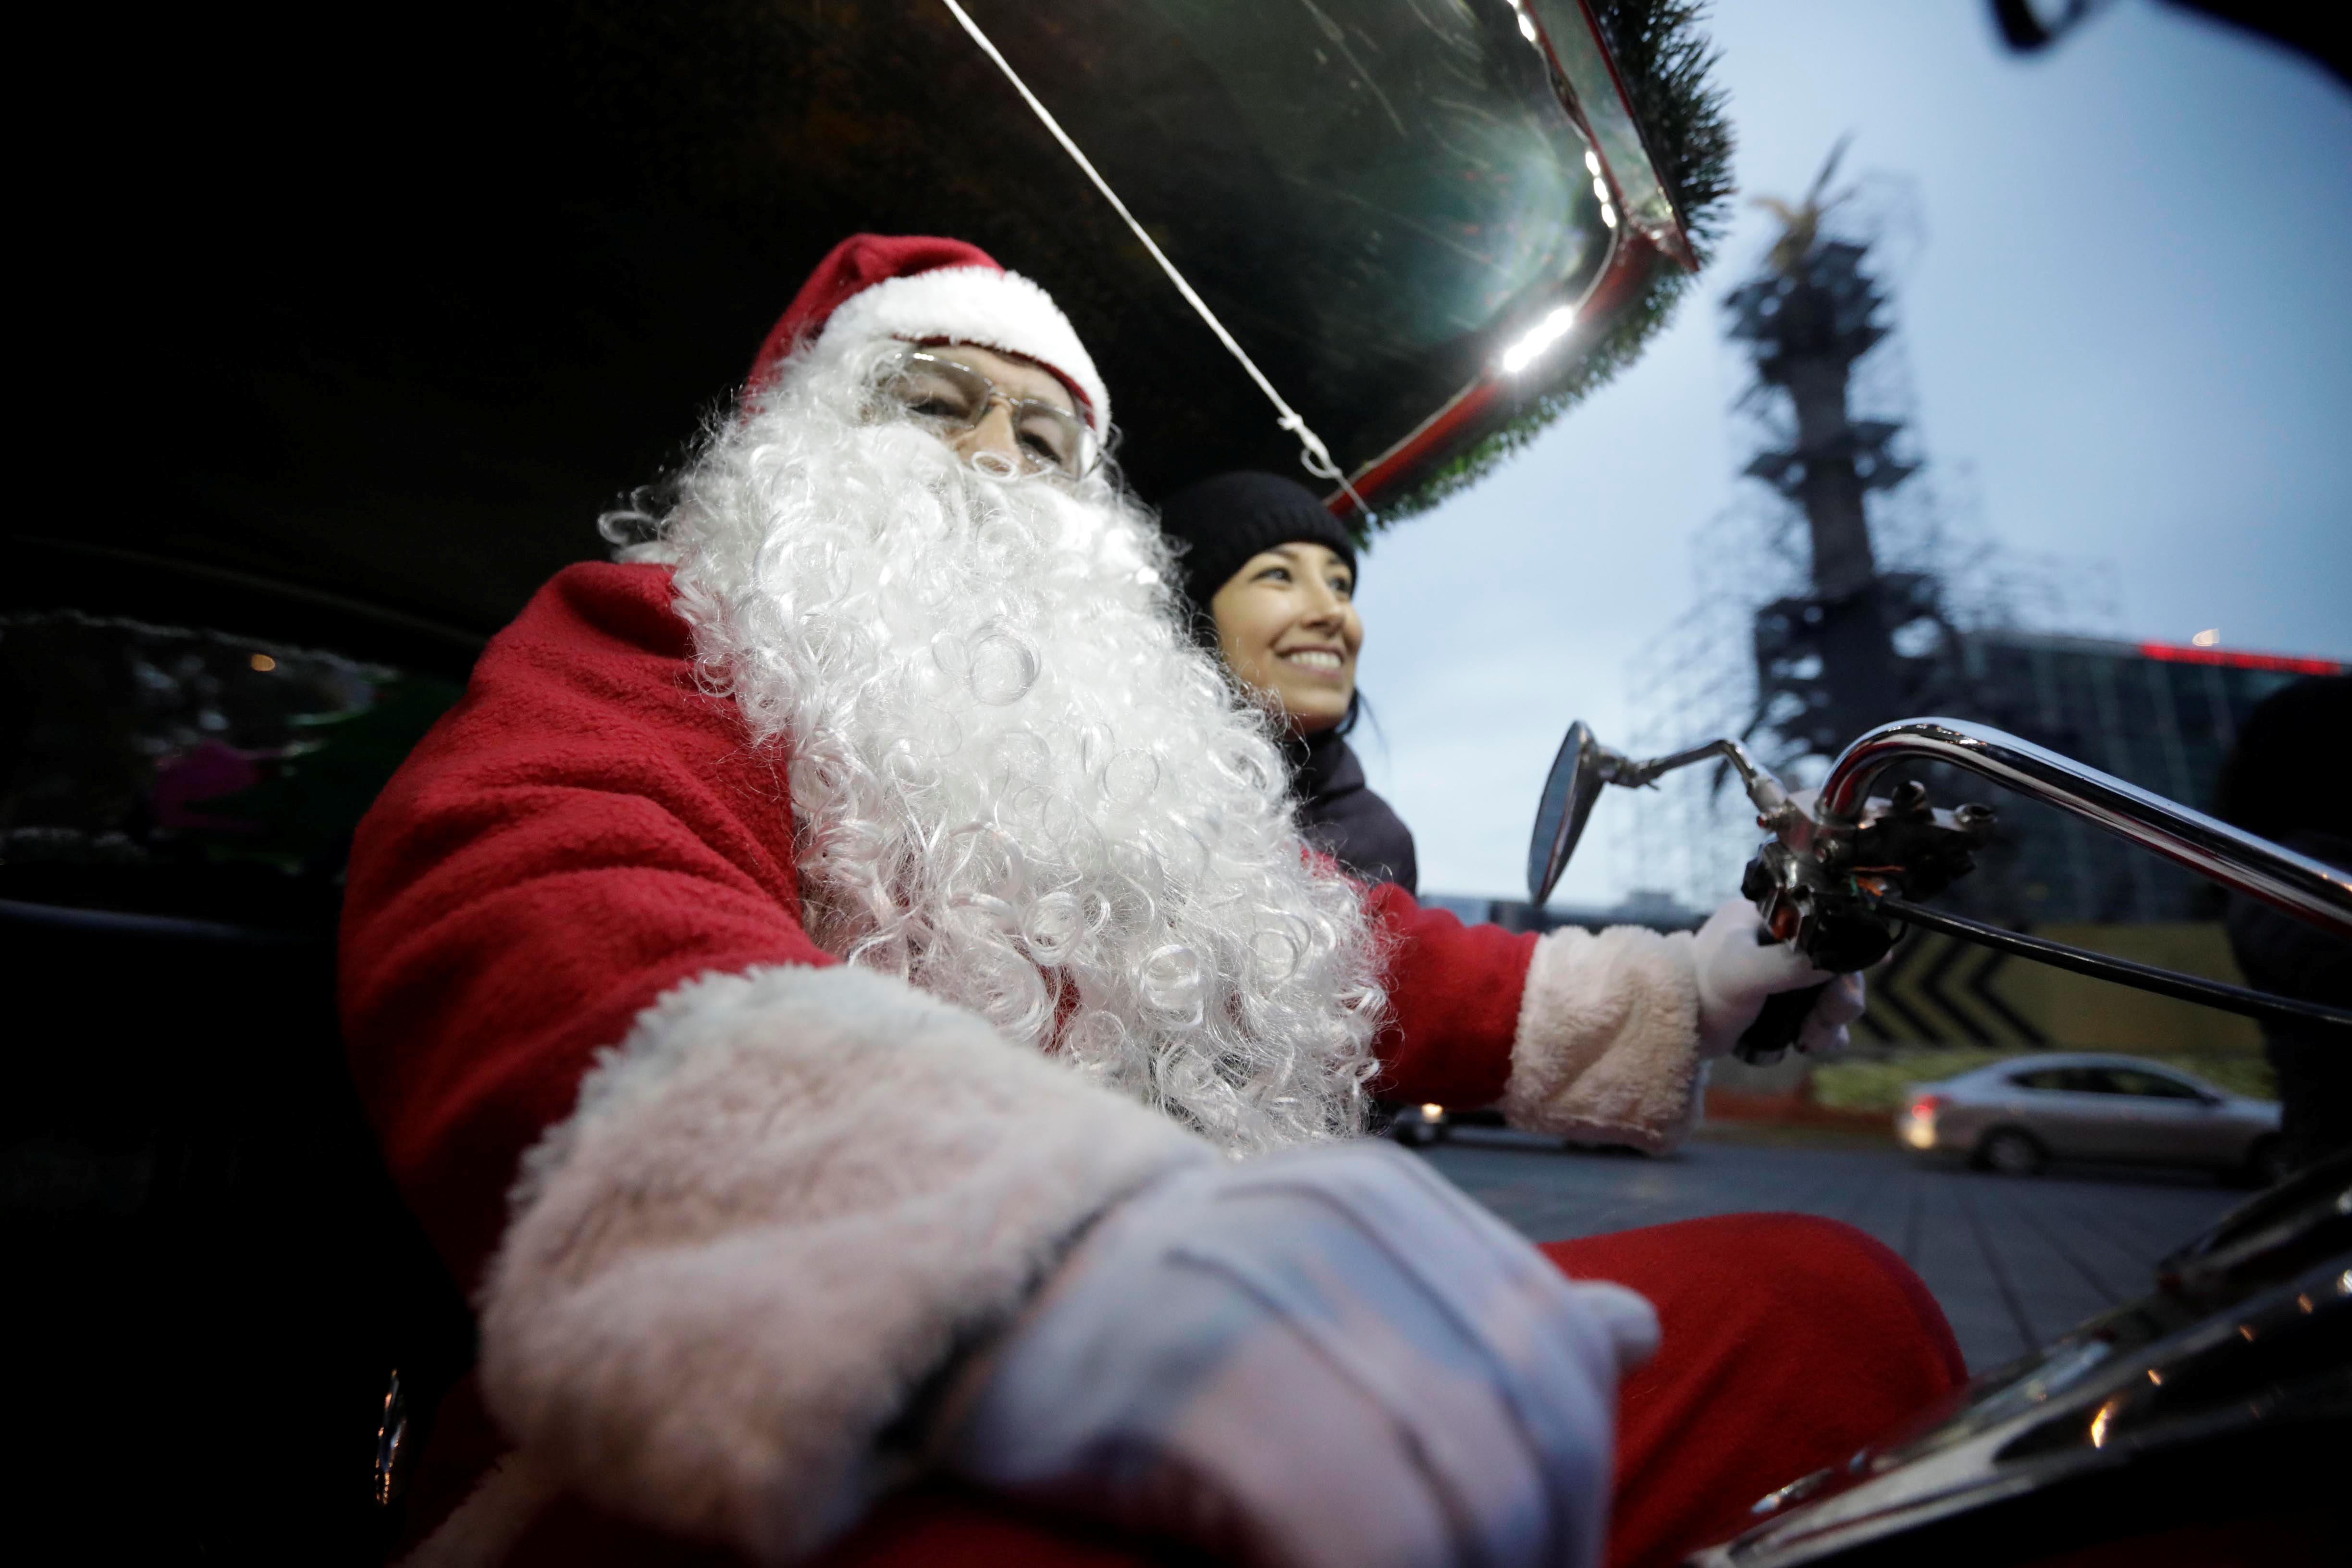 Un participante vestido como Santa Claus participa en el paseo anual en motocicleta en la Ciudad de México, México, 21 de diciembre de 2019 (Reuters/ Luis Cortes)